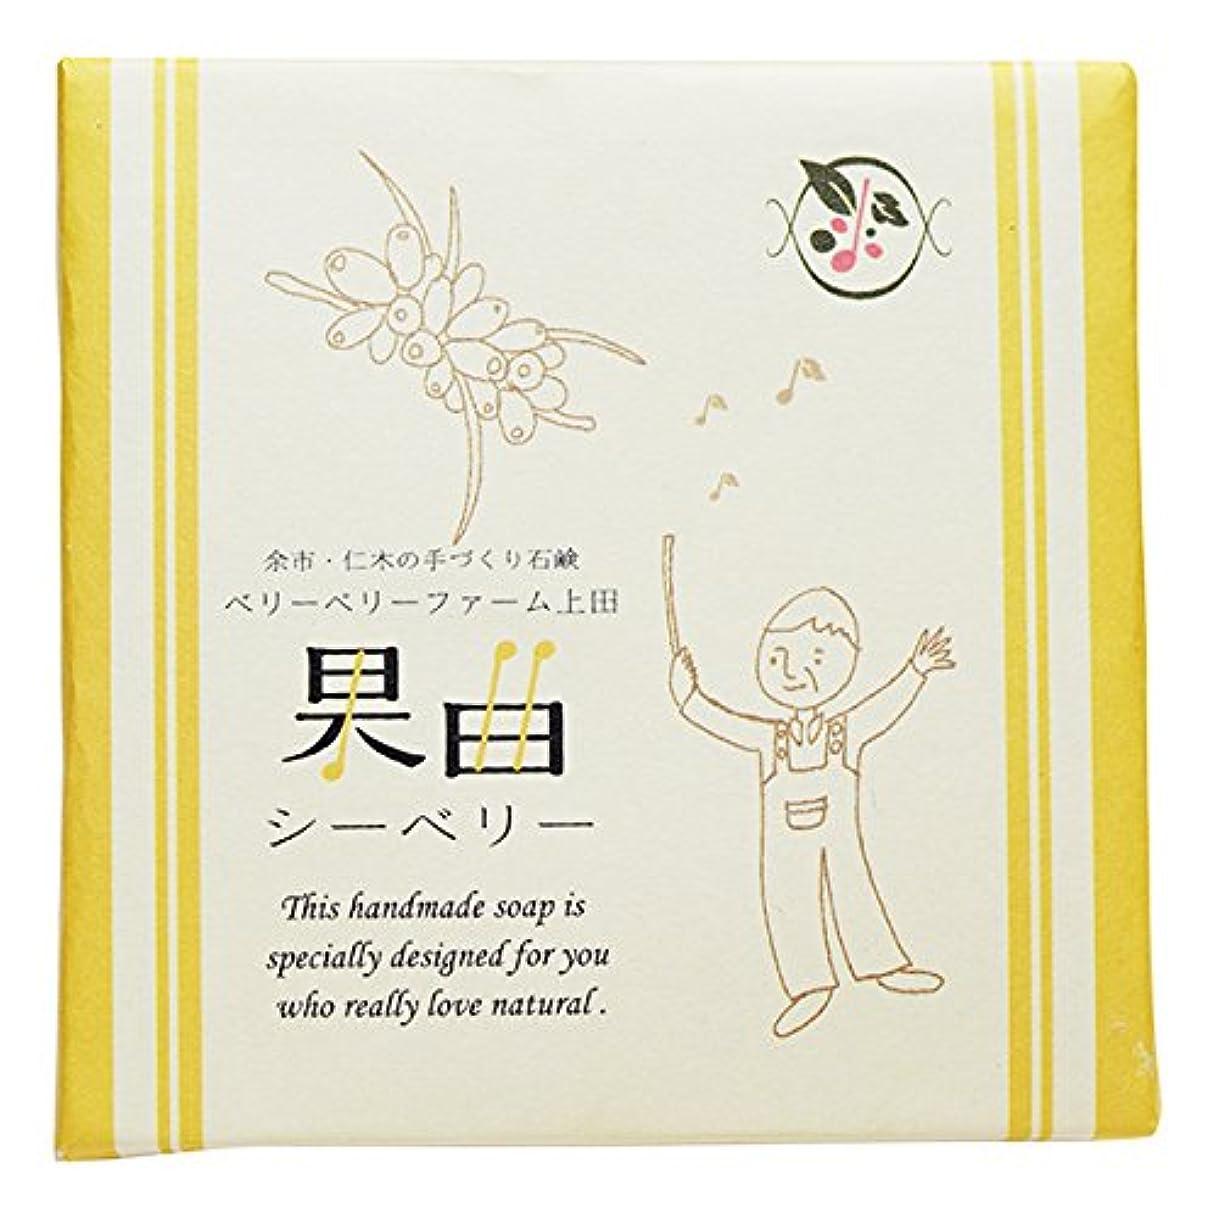 で人工的なミット余市町仁木のベリーベリーファーム上田との共同開発 果曲(シーベリー)純練り石鹸